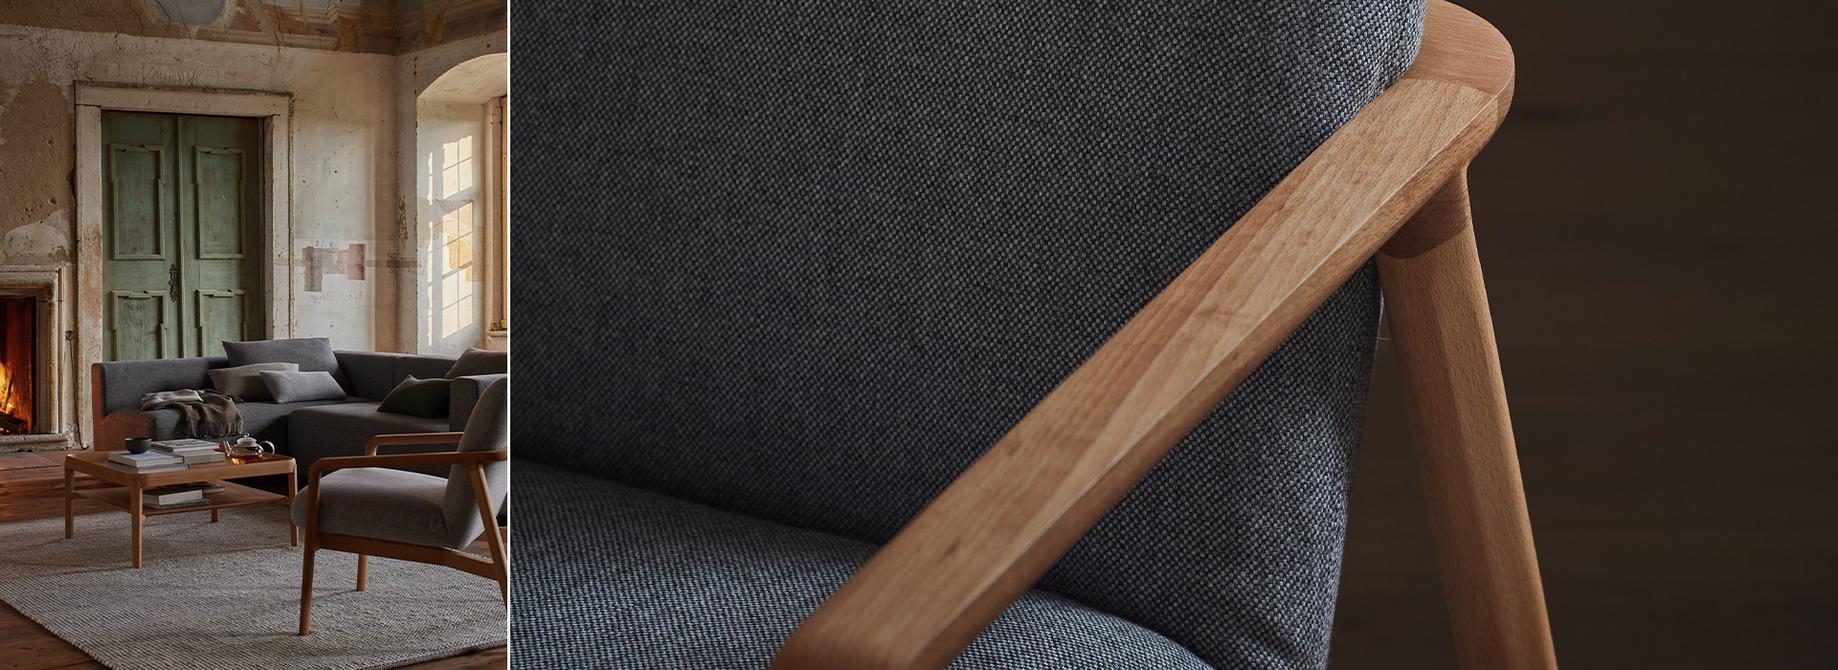 Massivholzmobel Matratzen Wohnaccessoires Oko Mode